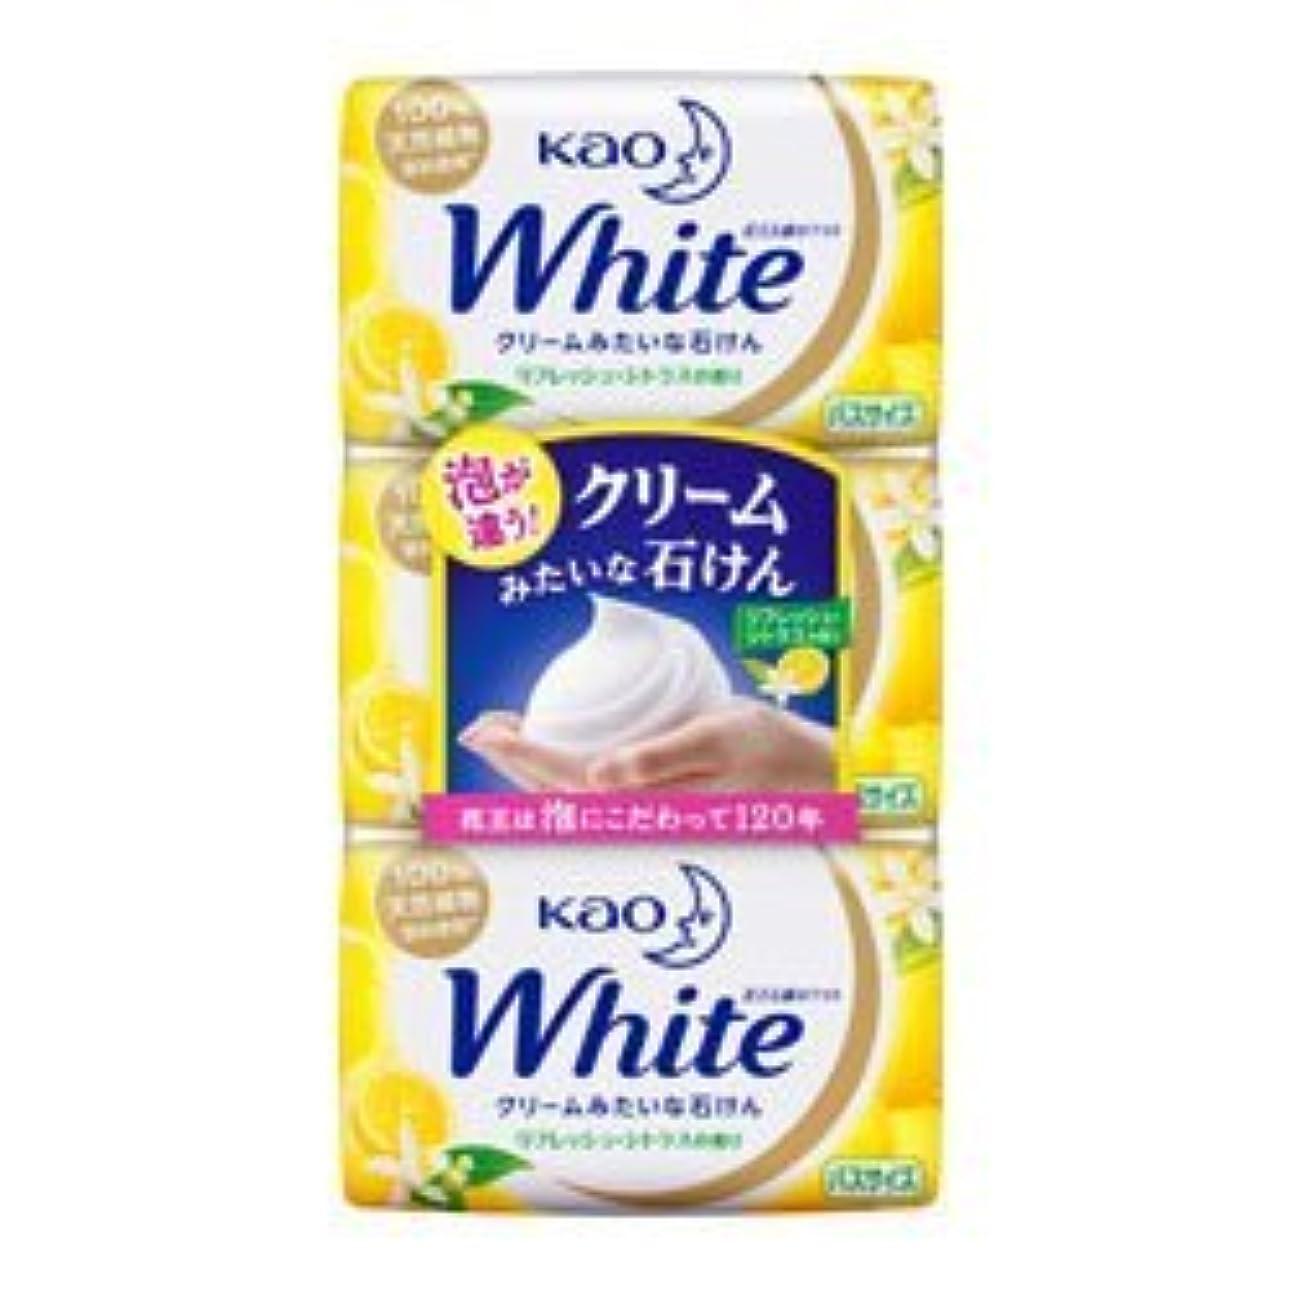 ケーキおかしいファックス【花王】ホワイト リフレッシュ?シトラスの香り バスサイズ 130g×3個入 ×3個セット